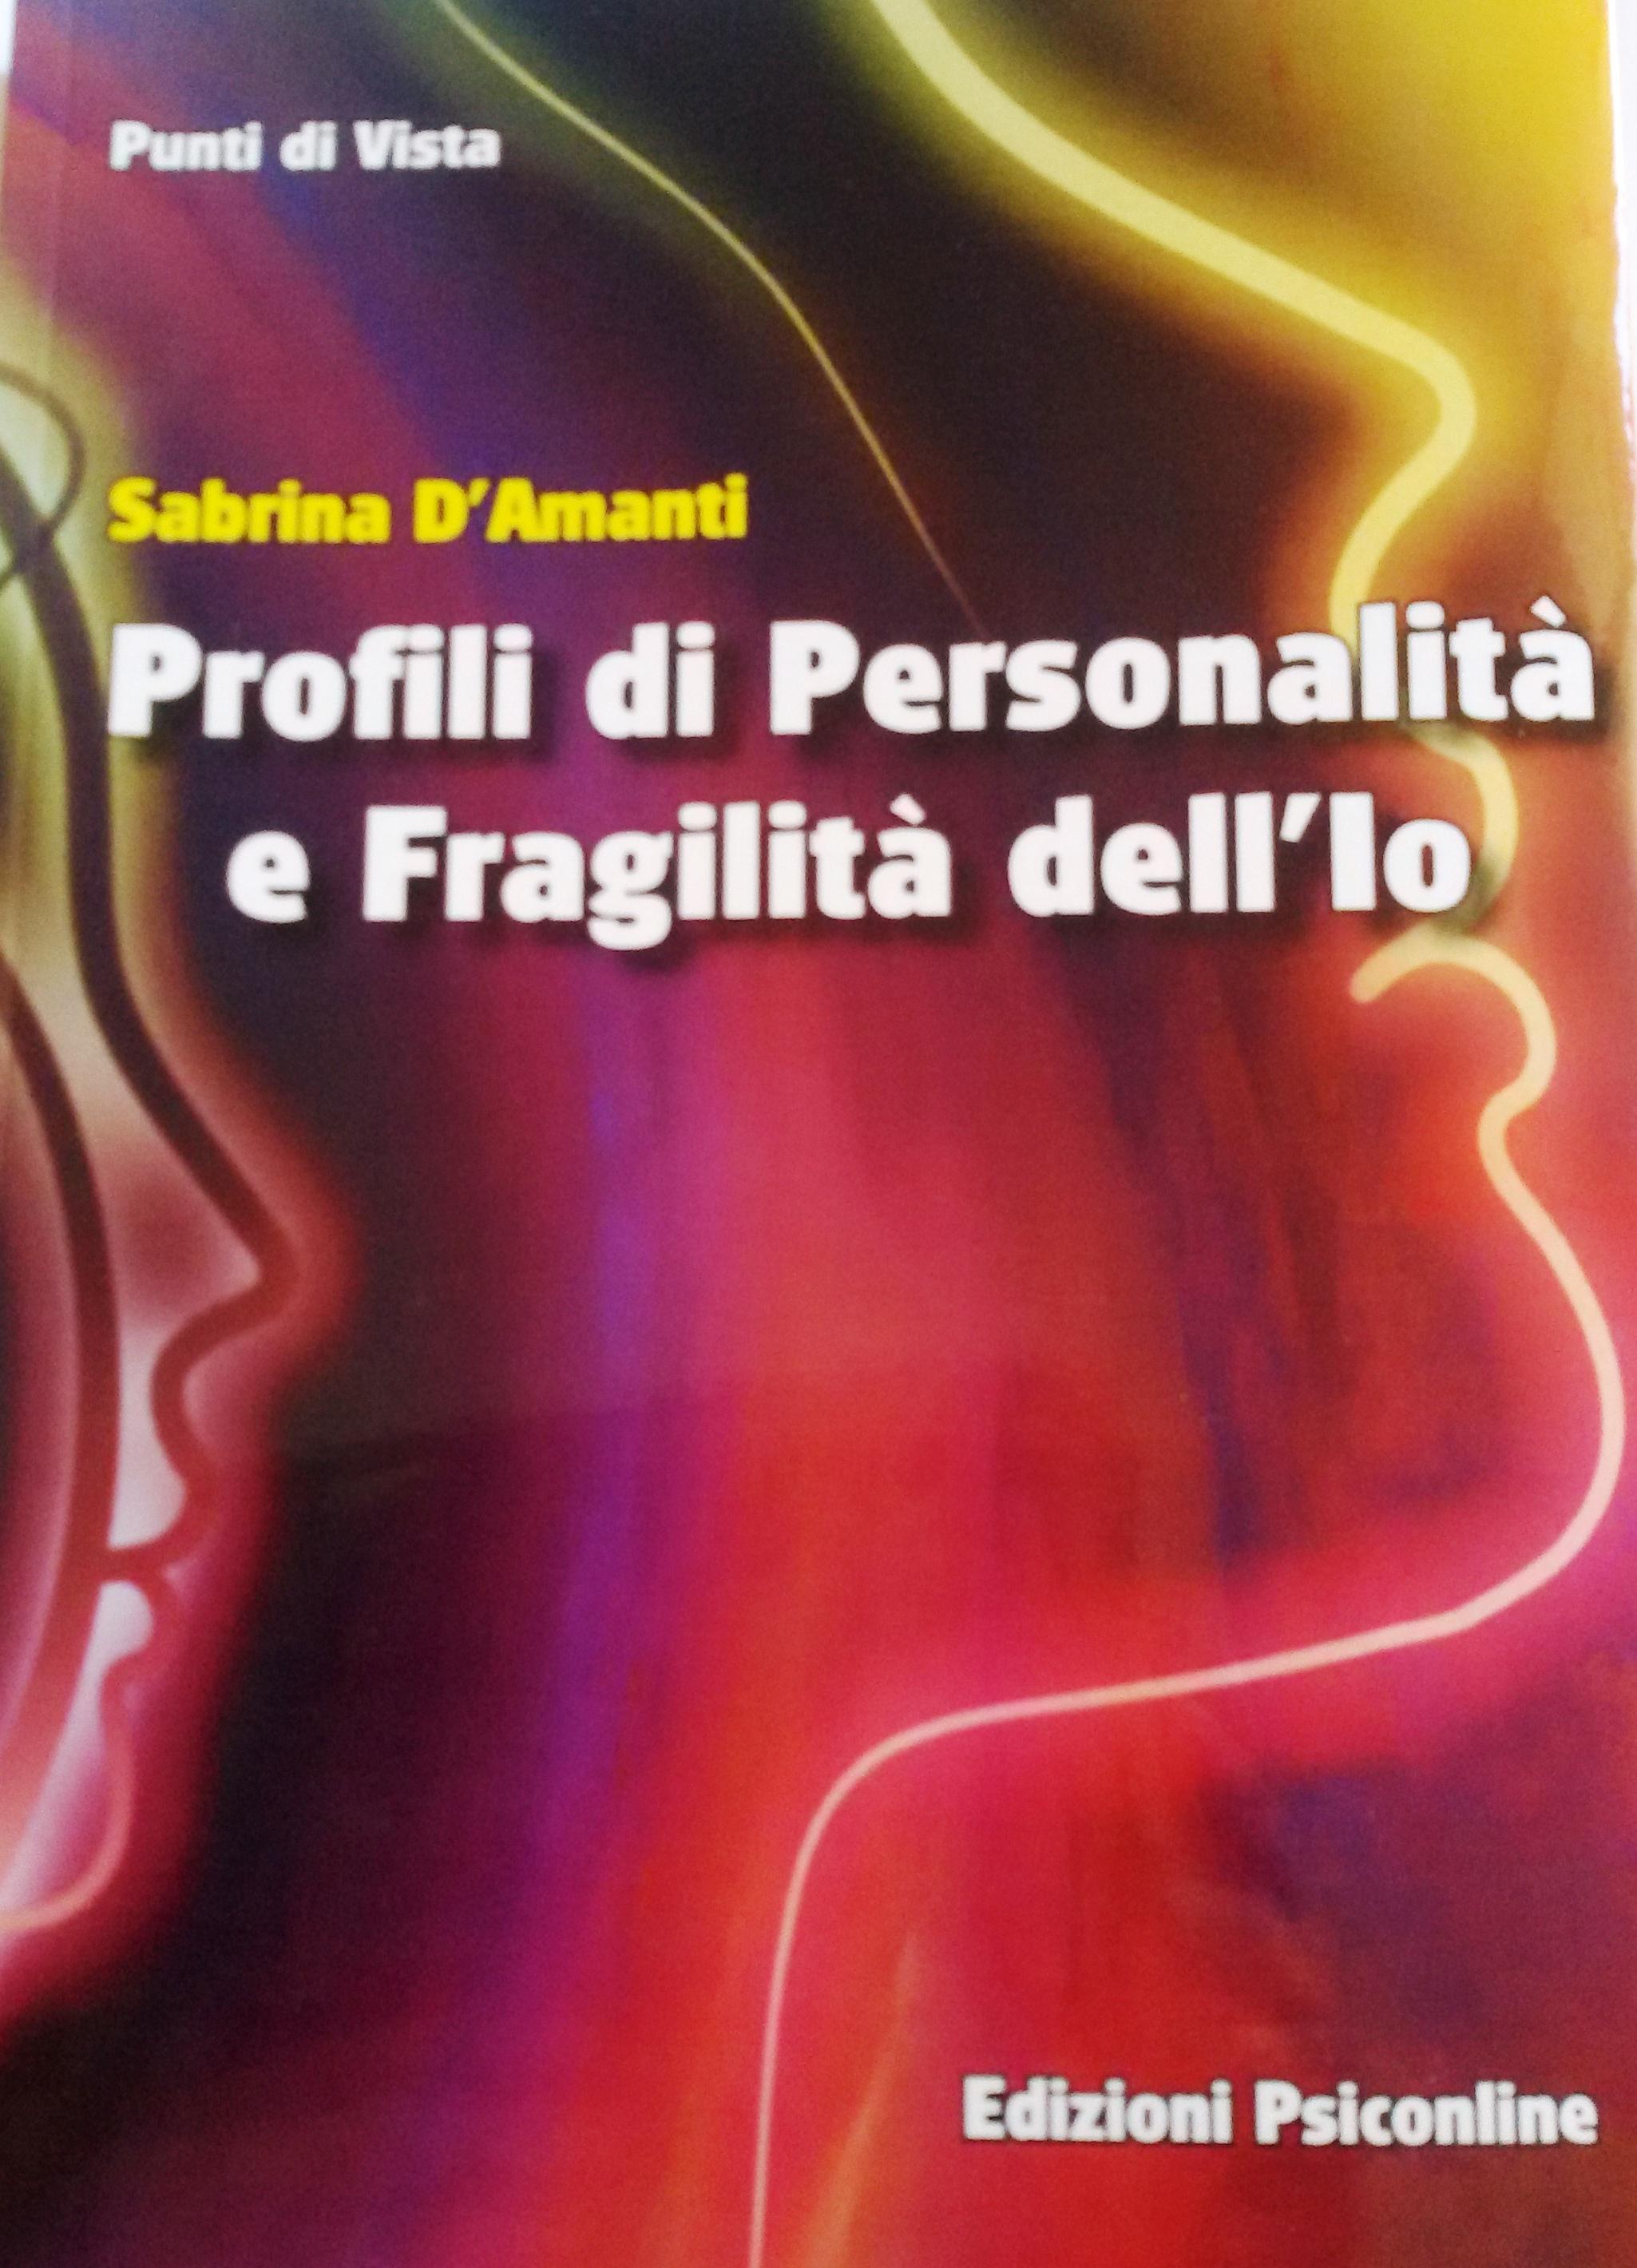 """Acate. Il mio nuovo libro: """"Profili di personalità e fragilità dell'Io"""". A cura della psicologa Sabrina D'Amanti."""